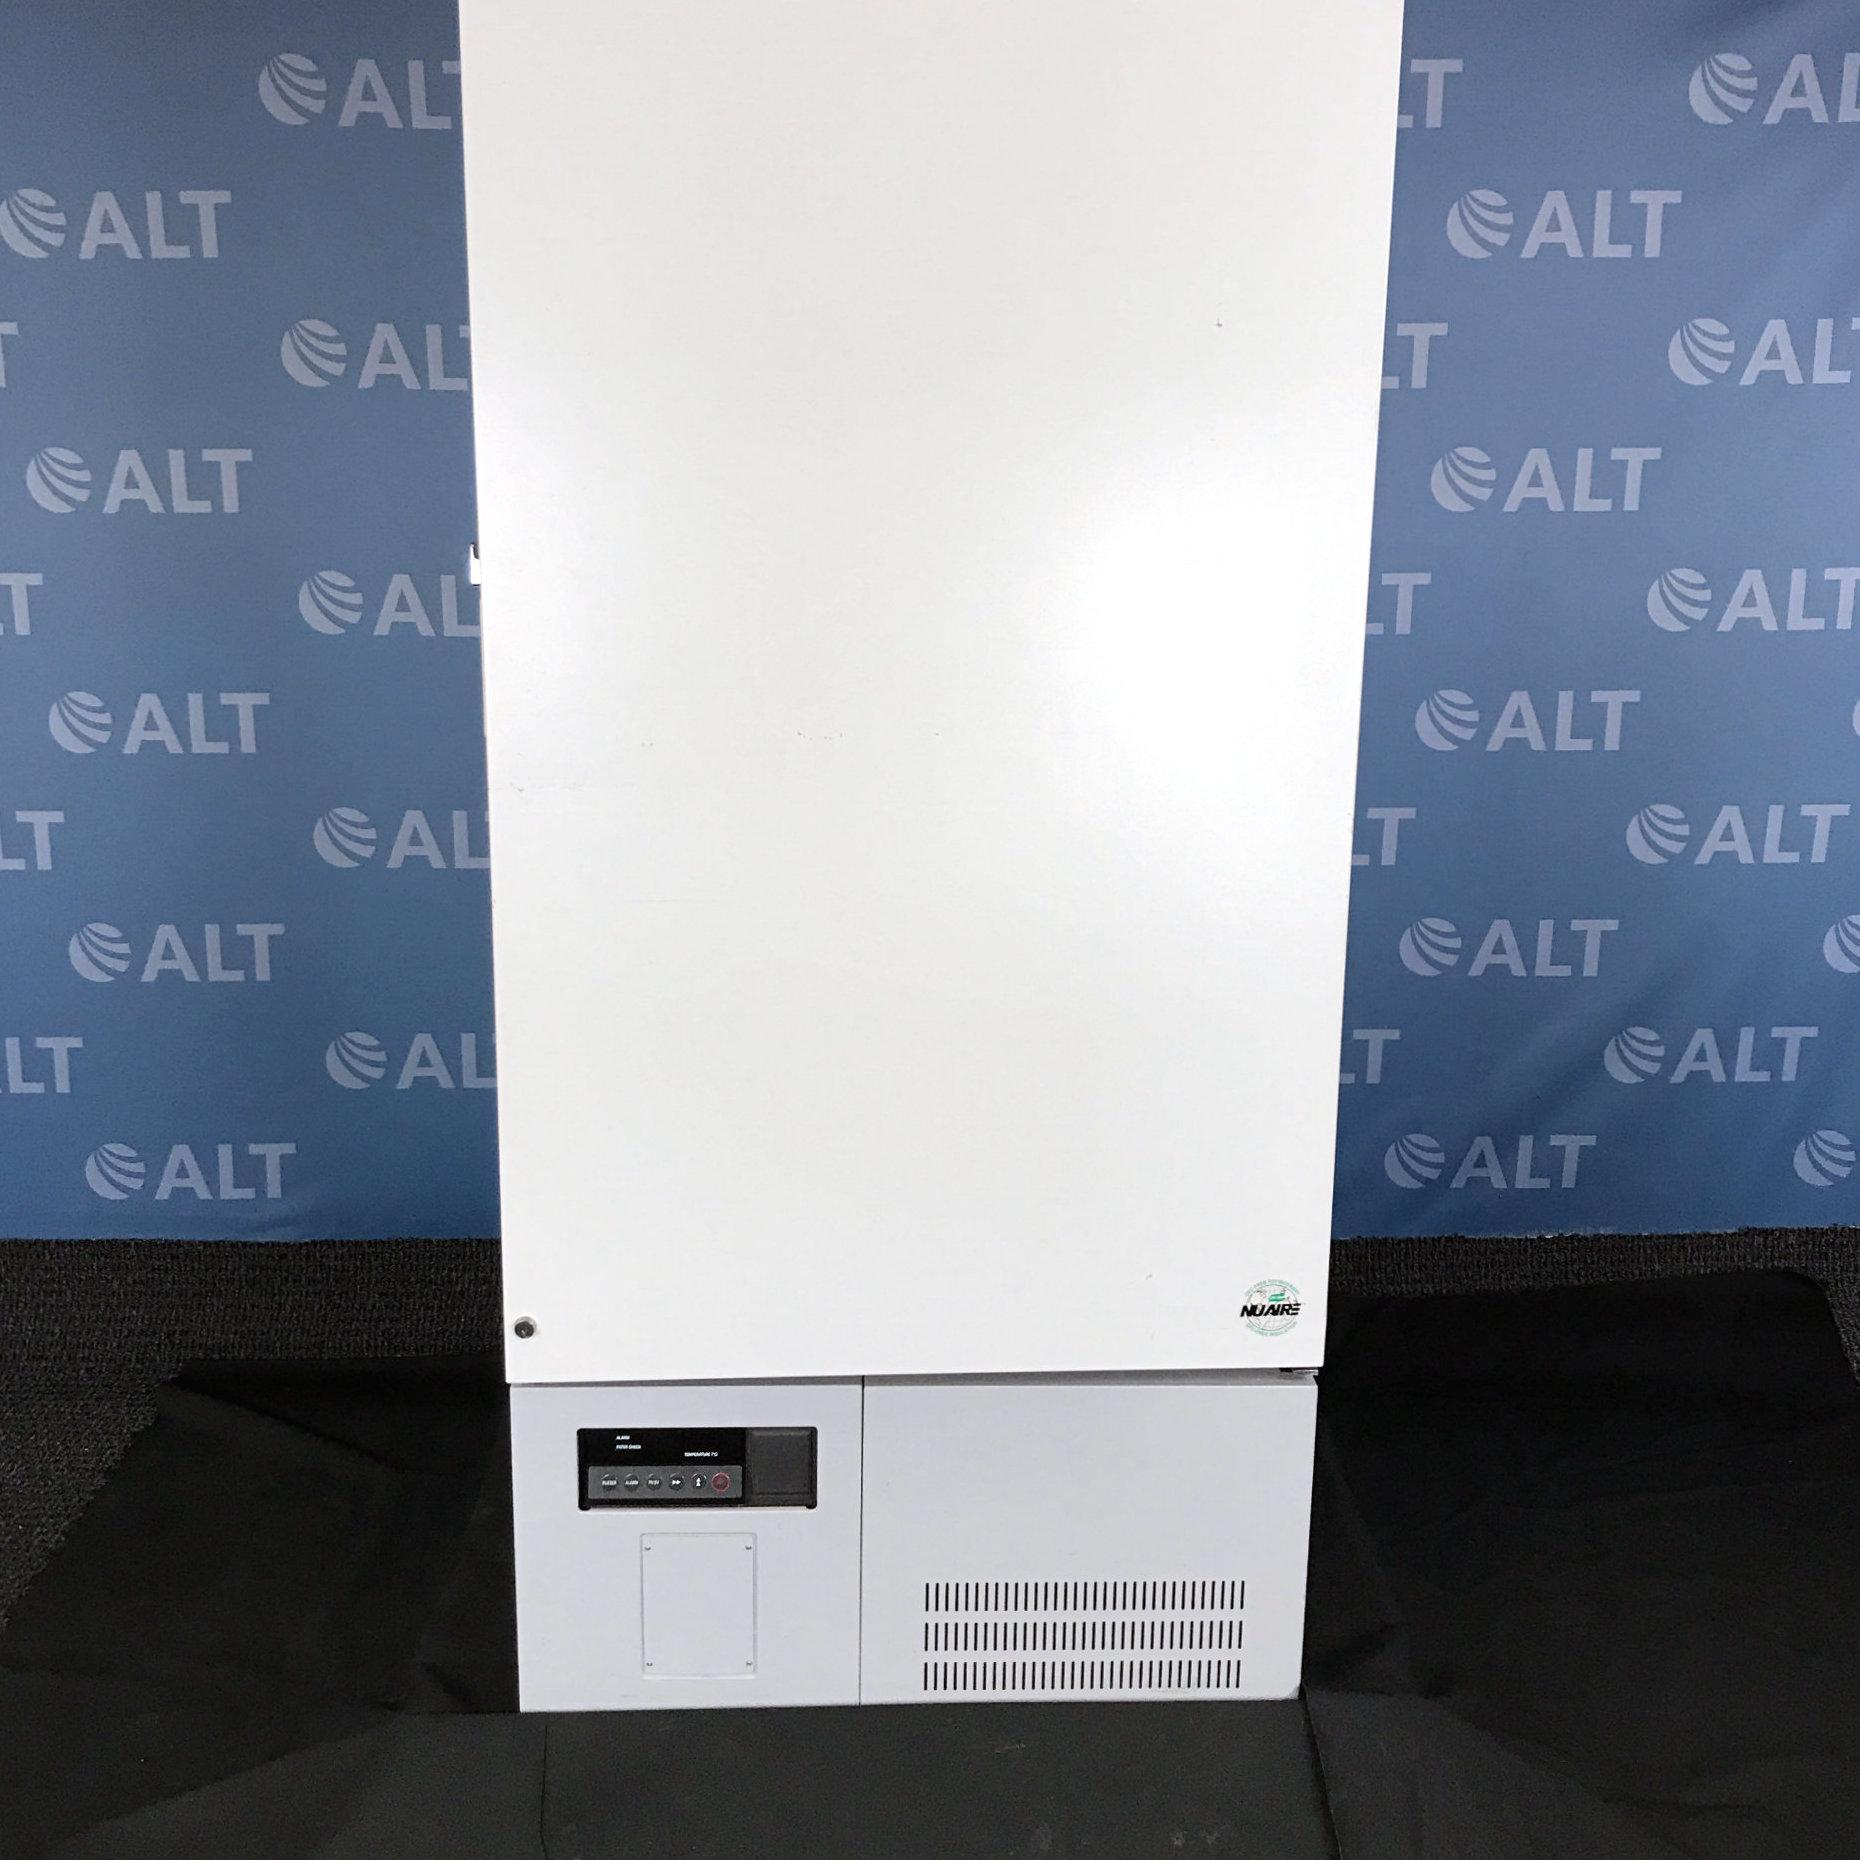 Nuaire NU-6510 Ultralow Freezer Image